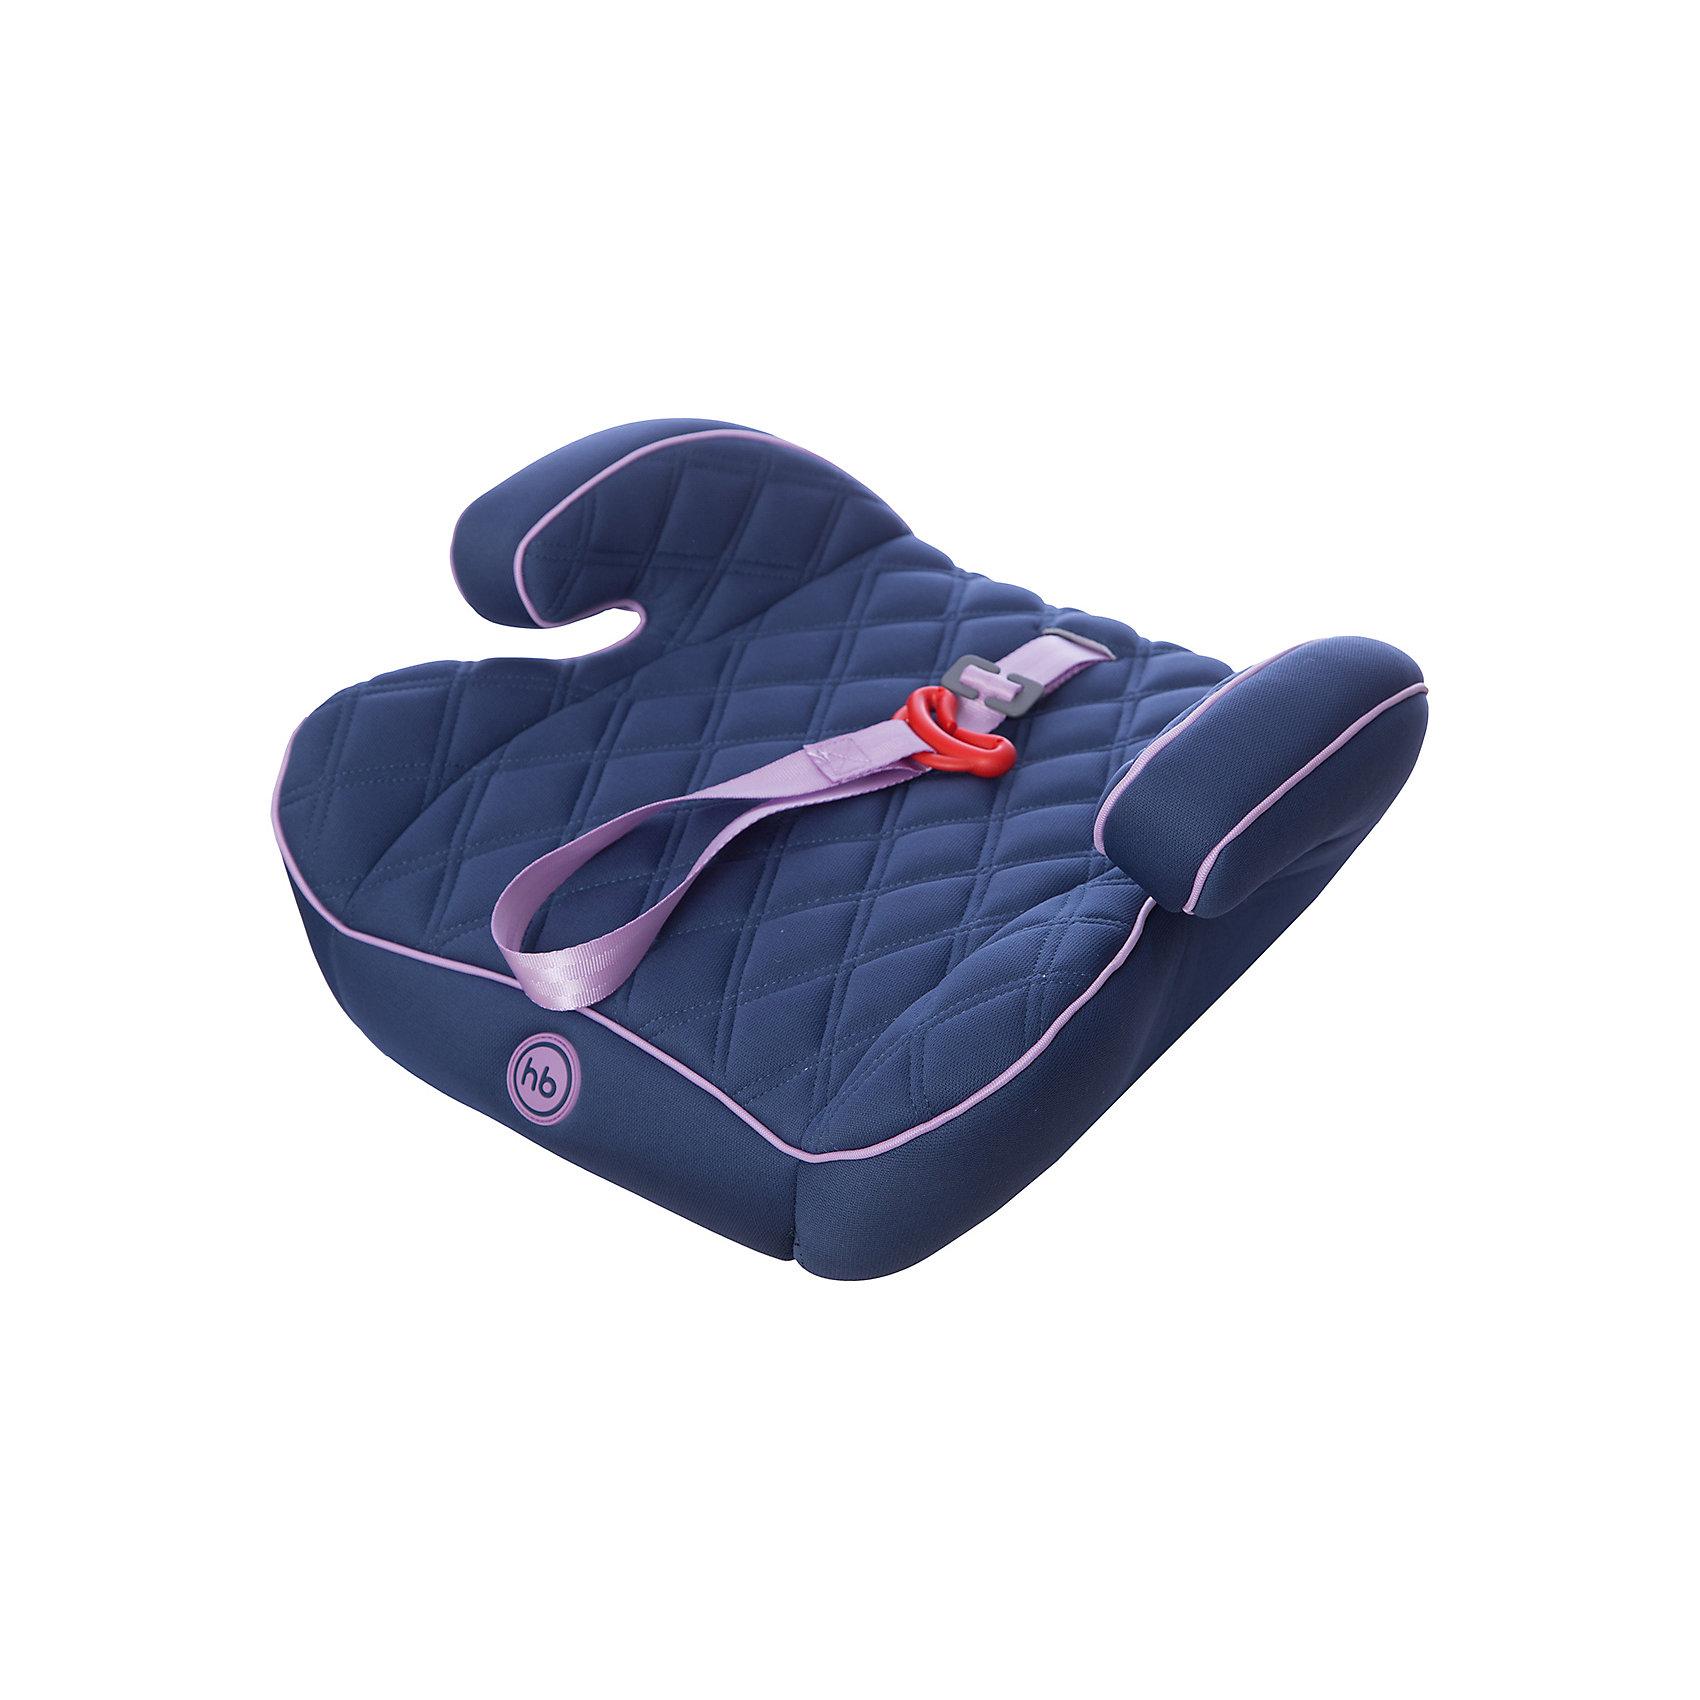 Автокресло-бустер Booster Rider, 15-36 кг., Happy Baby, синийАвтокресло-бустер Booster Rider, Happy Baby (Хэппи Бэби) - комфортная надежная модель, которая сделает поездку Вашего ребенка приятной и безопасной. Кресло представляет из себя бустер с сиденьем анатомической формы, мягкое полиэстеровое покрытие с двойной стежкой и удобные мягкие подлокотниками обеспечивают ребенку комфорт во время путешествия. Прочный каркас из мощного ударопрочного пластика создает дополнительную безопасность. Кресло устанавливается в салоне штатными 3-х точечными ремнями безопасности на заднем или переднем сиденье лицом по ходу движения автомобиля. Тканевая обивка изготовлена из качественного, износостойкого материала, хорошо держащего форму, легко снимается для чистки или стирки при температуре 30° С. Компактные размеры позволяют с легкостью поместить бустер в багажник. Рассчитано на детей от 4 лет до 12 лет, весом 15-36 кг. Сертификат безопасности ECE R44/03.<br><br>Дополнительная информация:<br><br>- Цвет: lilac (темно-синий/сиреневый).<br>- Материал: каркас - пластик, обивка и наполнитель - полиэстер.<br>- Ширина сиденья: 40 см.<br>- Размер бустера: 16 x 40 x 38 см.<br>- Вес: 1,3 кг.<br><br>Автокресло-бустер Booster Rider, Happy Baby (Хэппи Бэби), lilac, можно купить в нашем интернет-магазине.<br><br>Ширина мм: 410<br>Глубина мм: 390<br>Высота мм: 460<br>Вес г: 1525<br>Цвет: синий<br>Возраст от месяцев: 36<br>Возраст до месяцев: 144<br>Пол: Унисекс<br>Возраст: Детский<br>SKU: 4212238